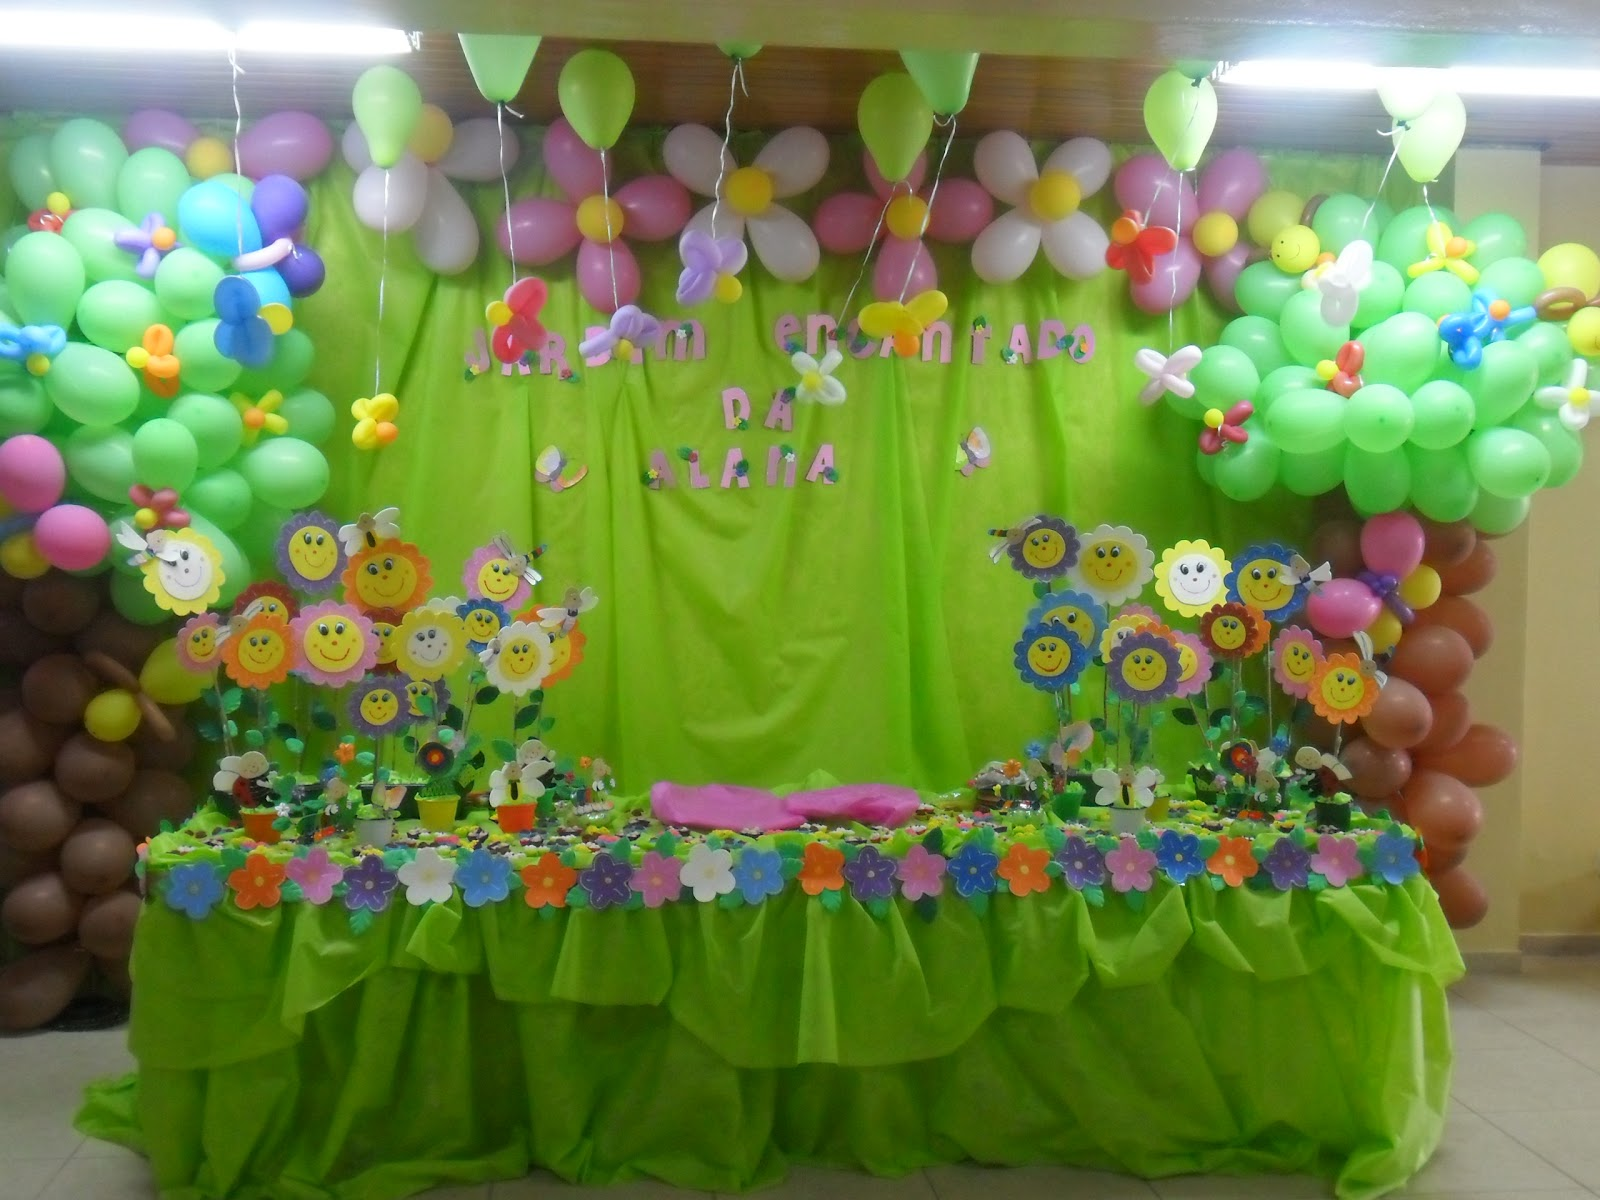 ideias para tema jardim : ideias para tema jardim:Brincando com Idéias: Festa de Aniversário Tema Jardim Encantado